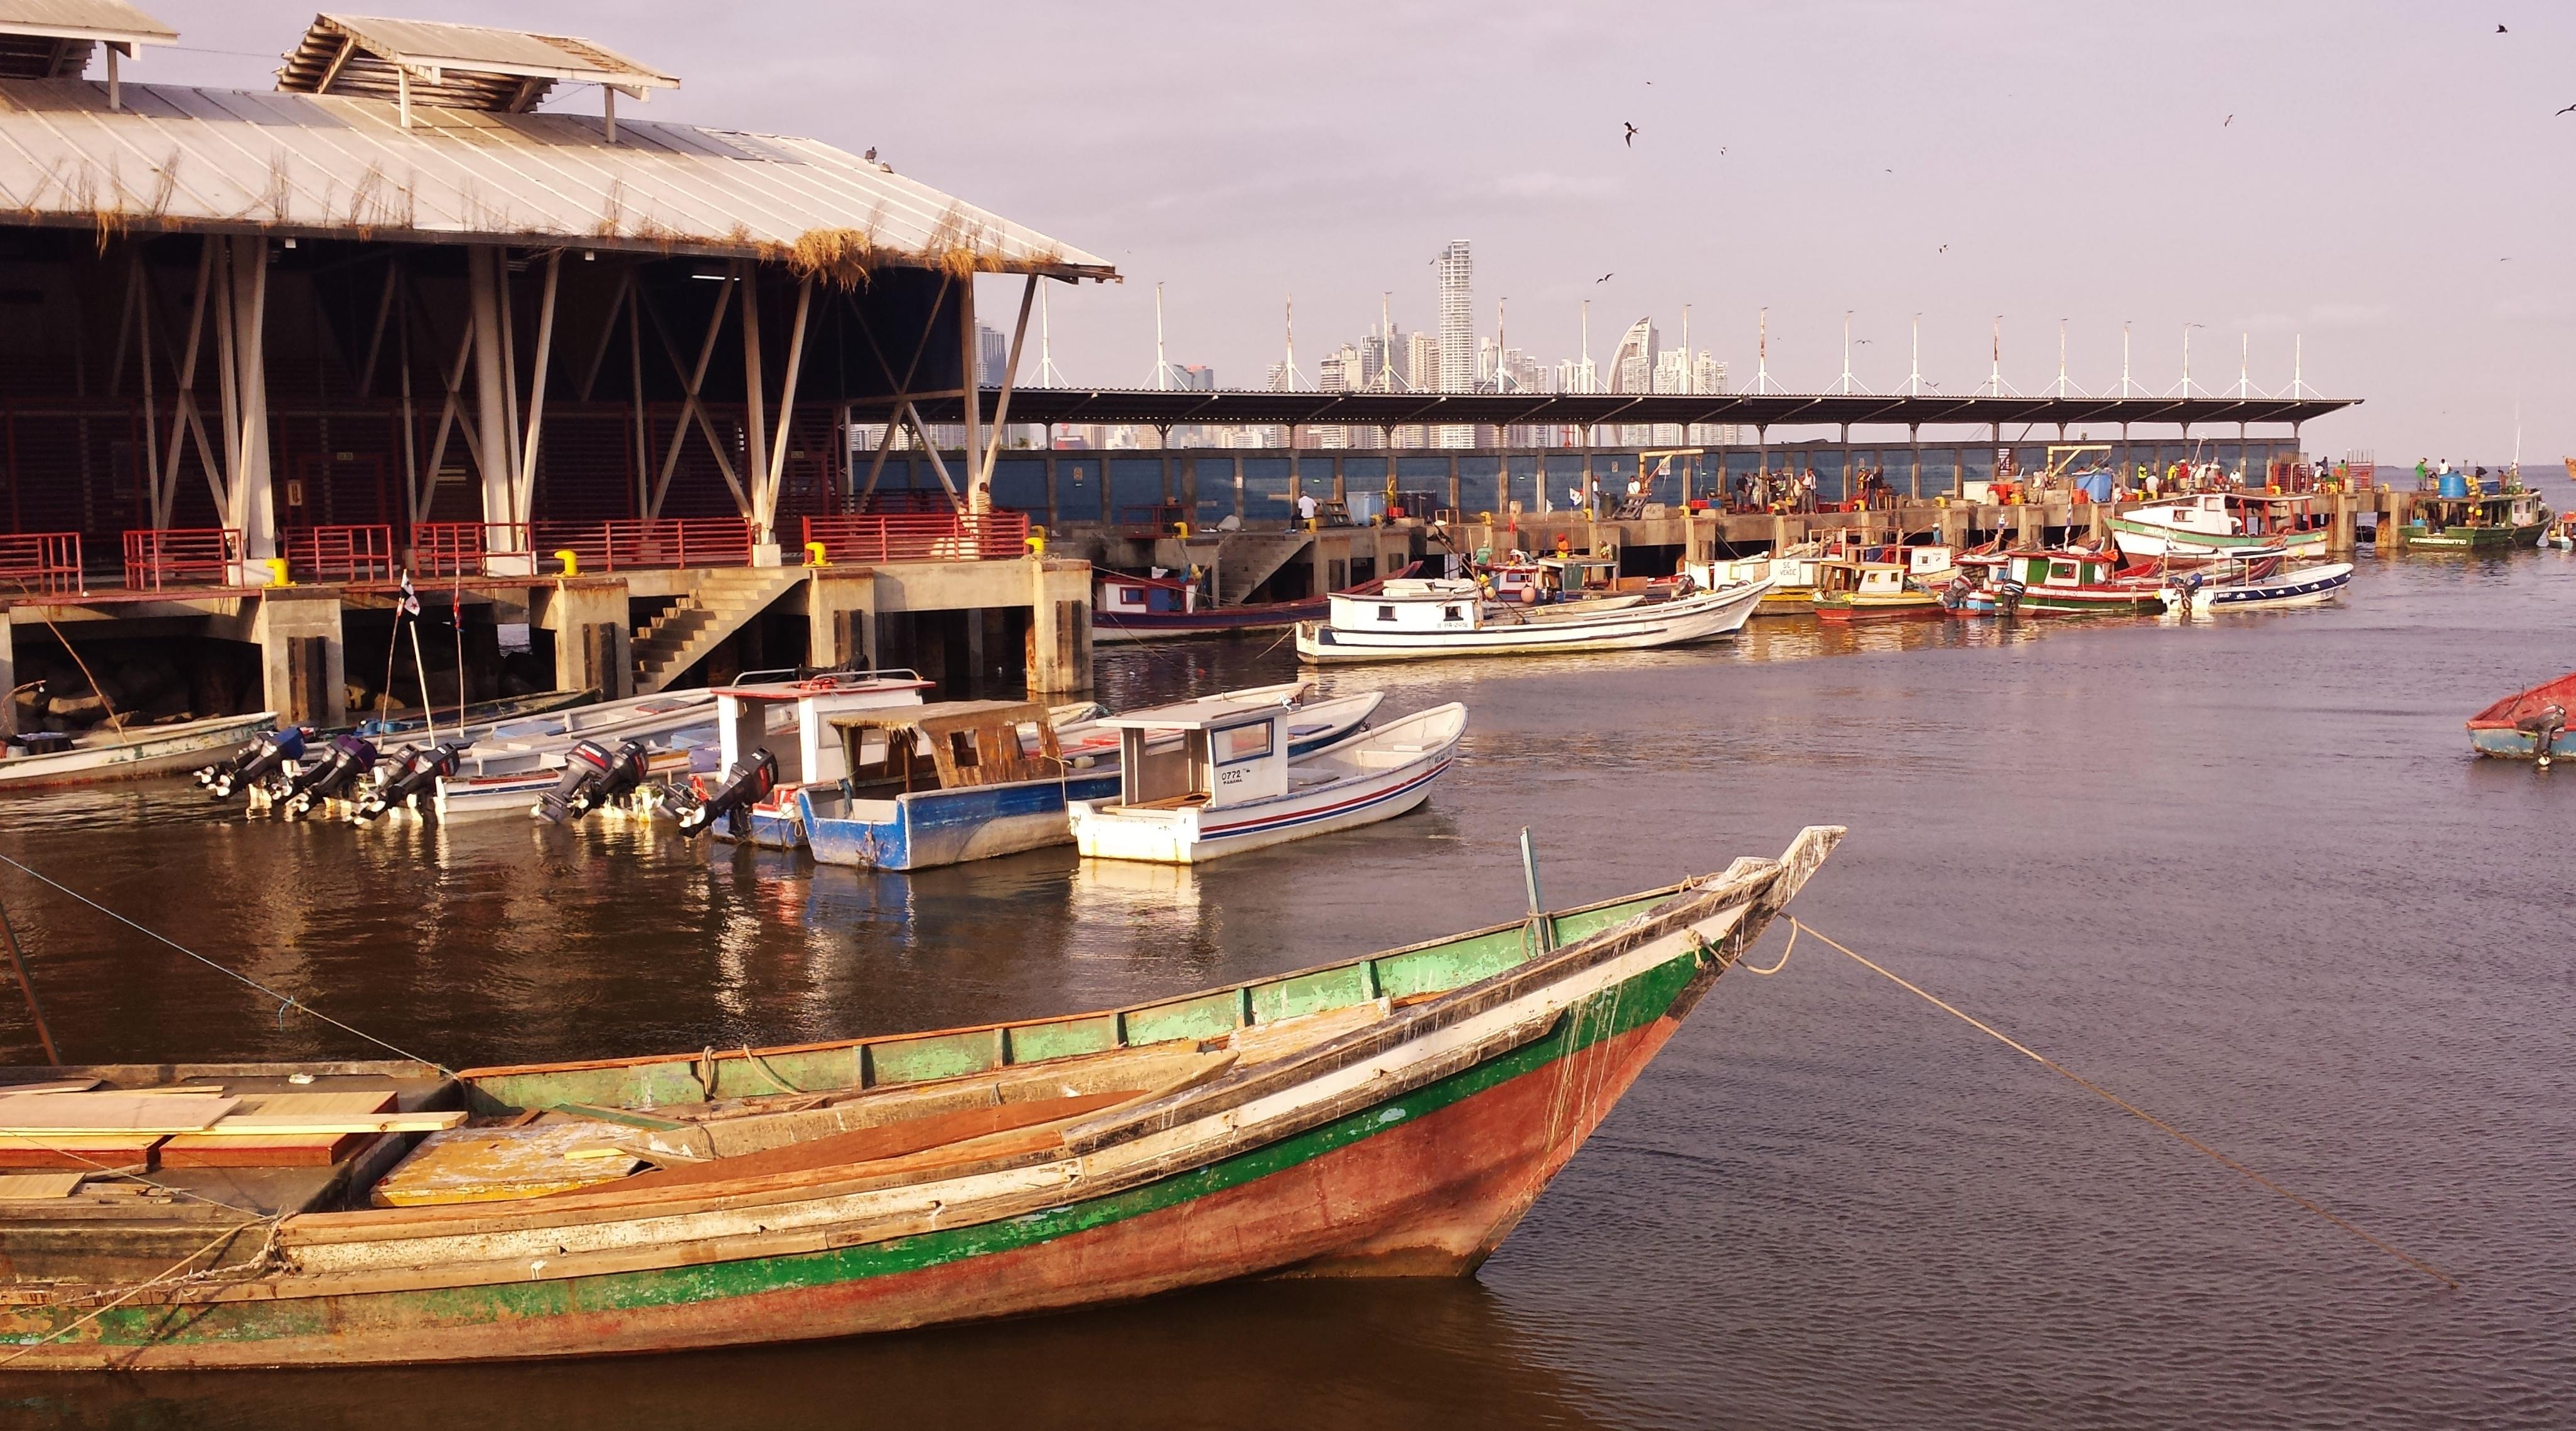 Fishing Boats at the Marina